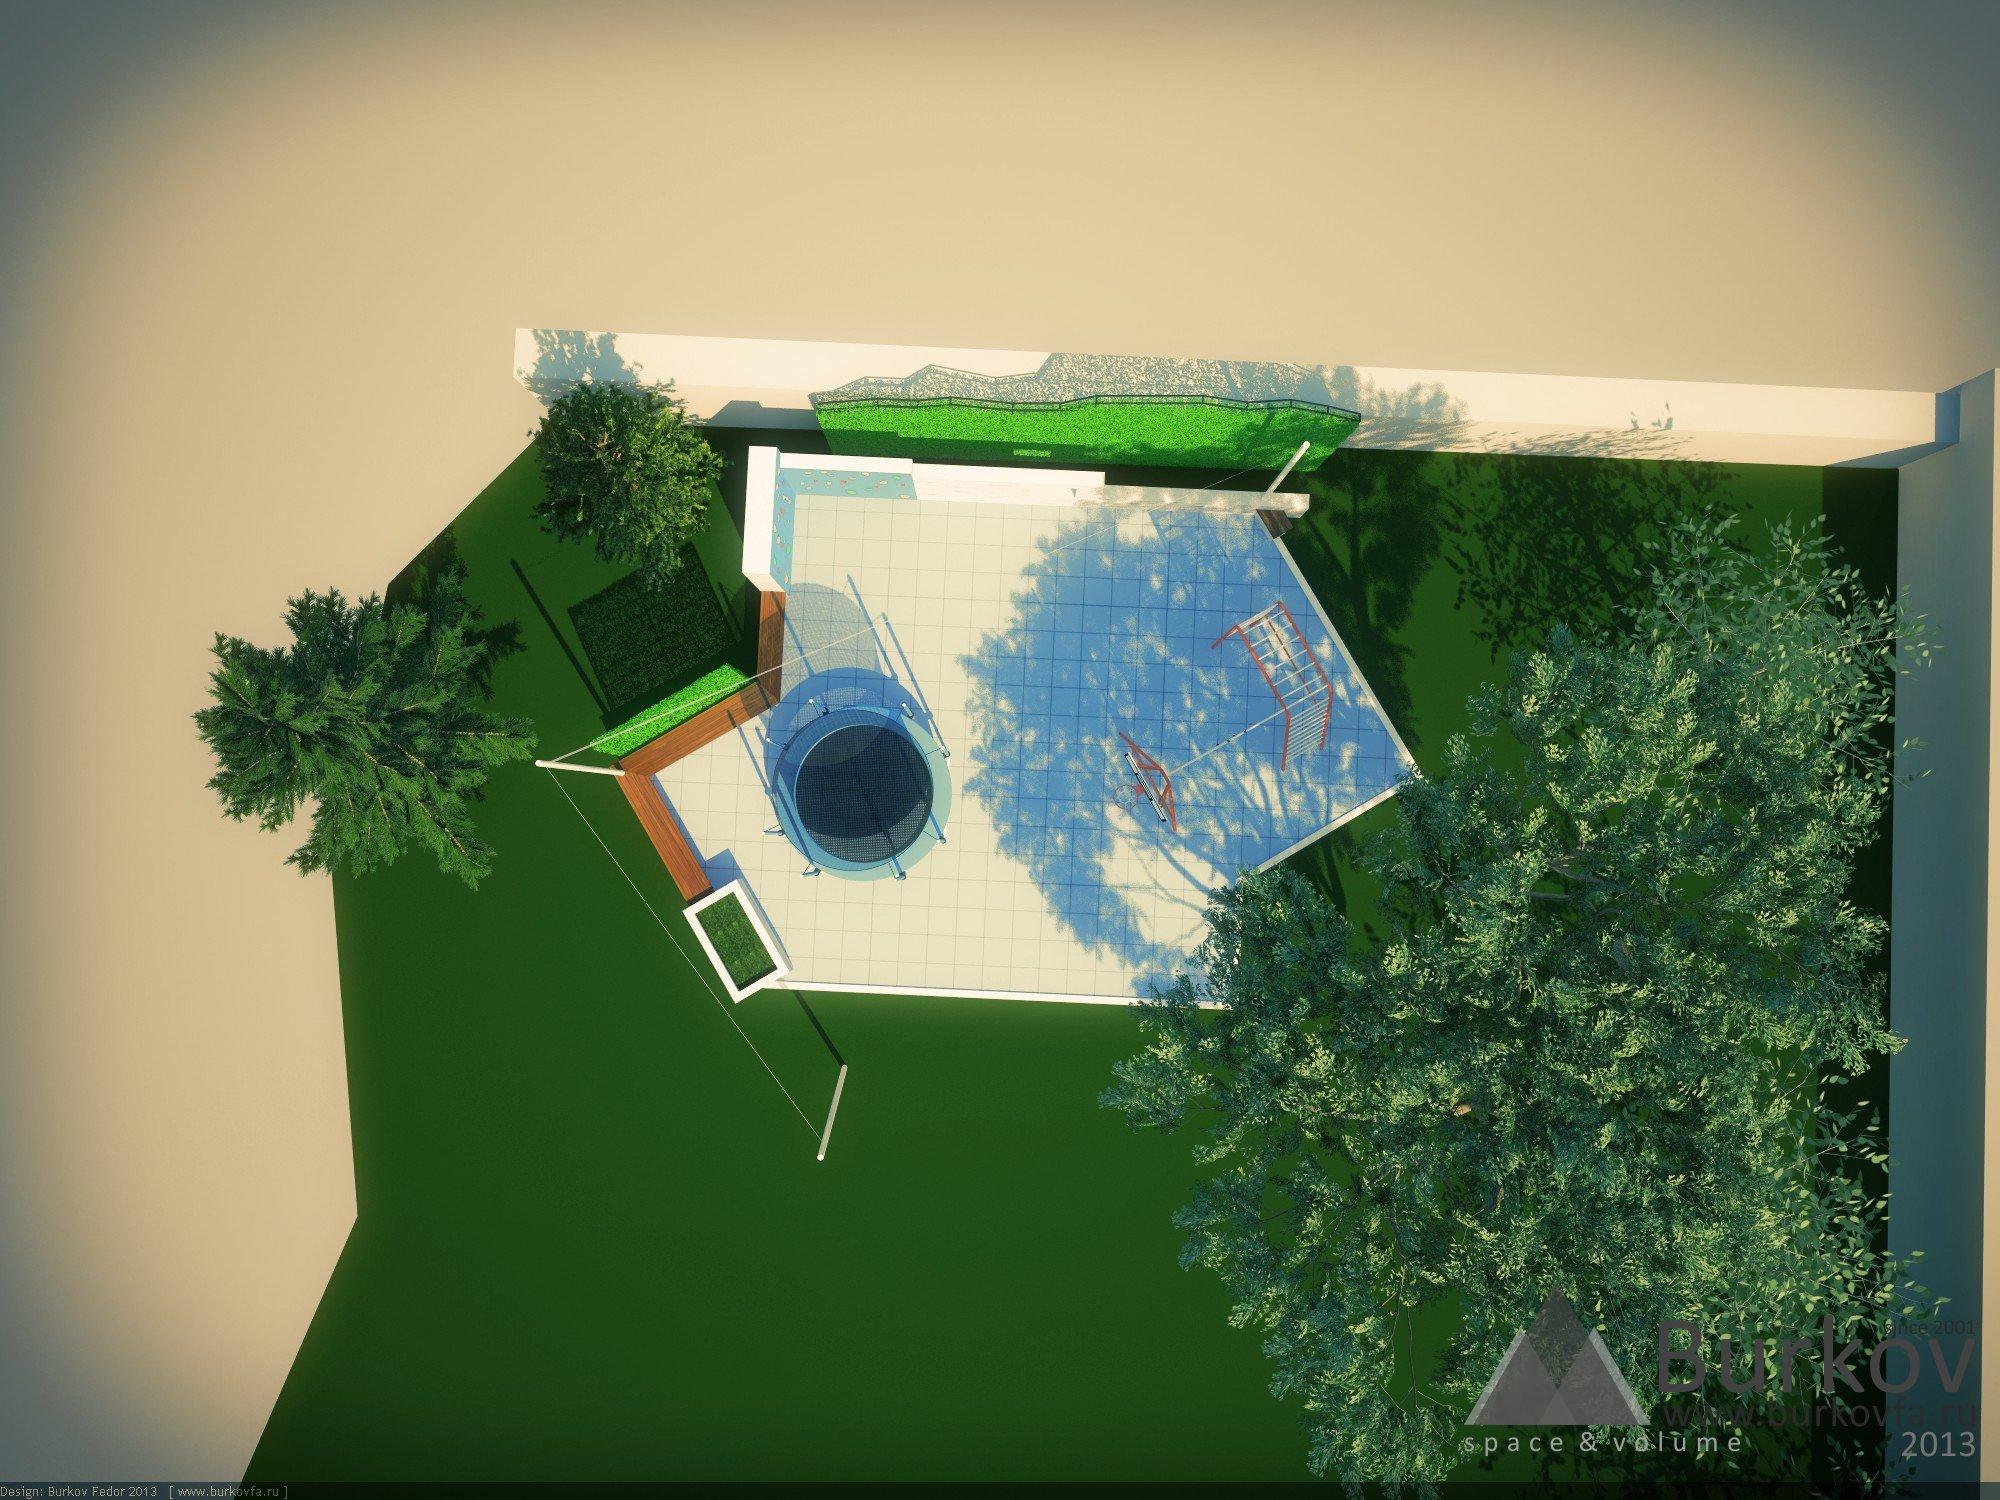 дизайн спортивной площадки